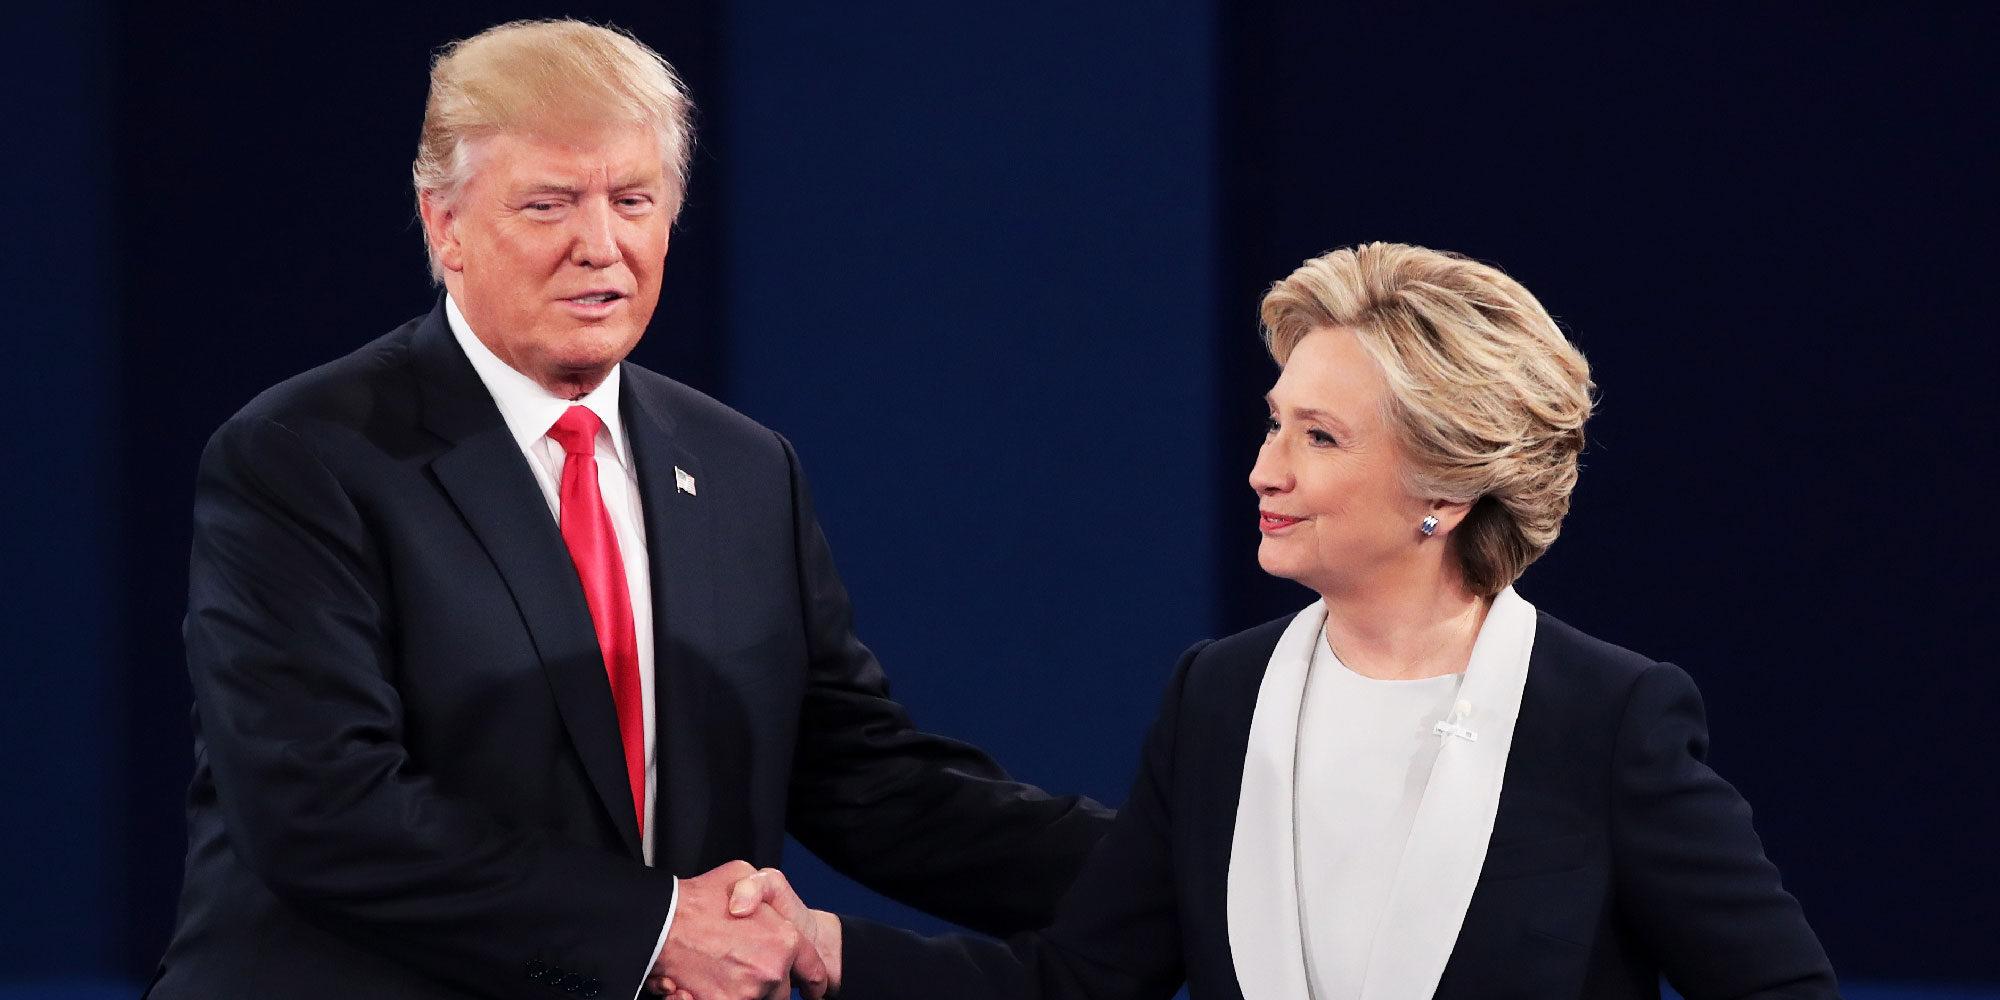 Hillary Clinton y Donald Trump, enfrentados en un tenso debate marcado por los delirios del magnate